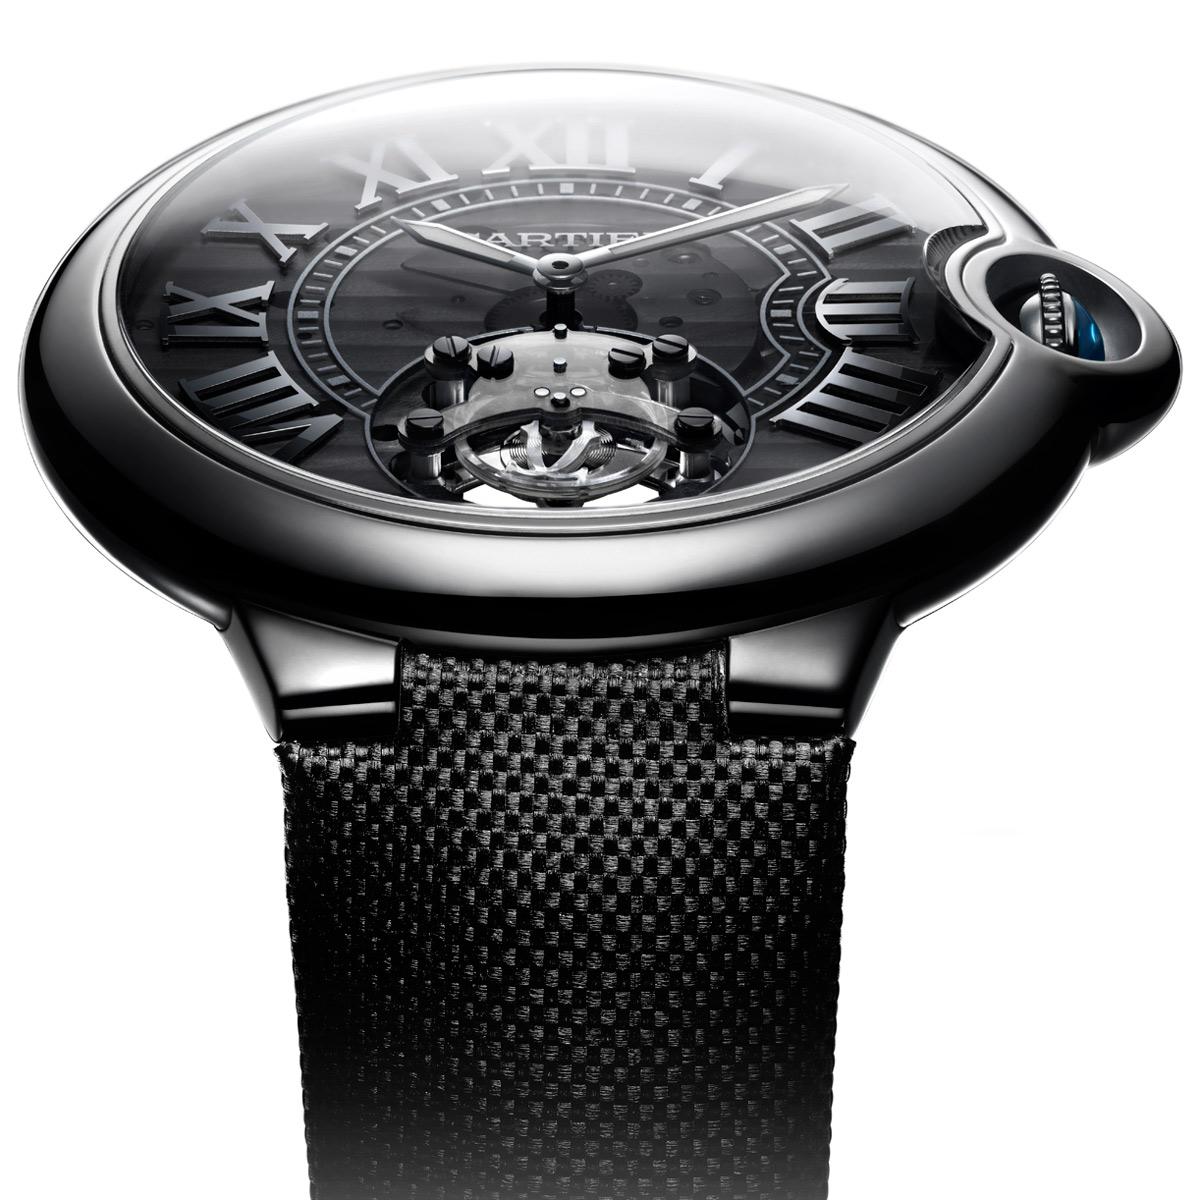 La Cote des Montres : Photo - Cartier ID One Concept Watch